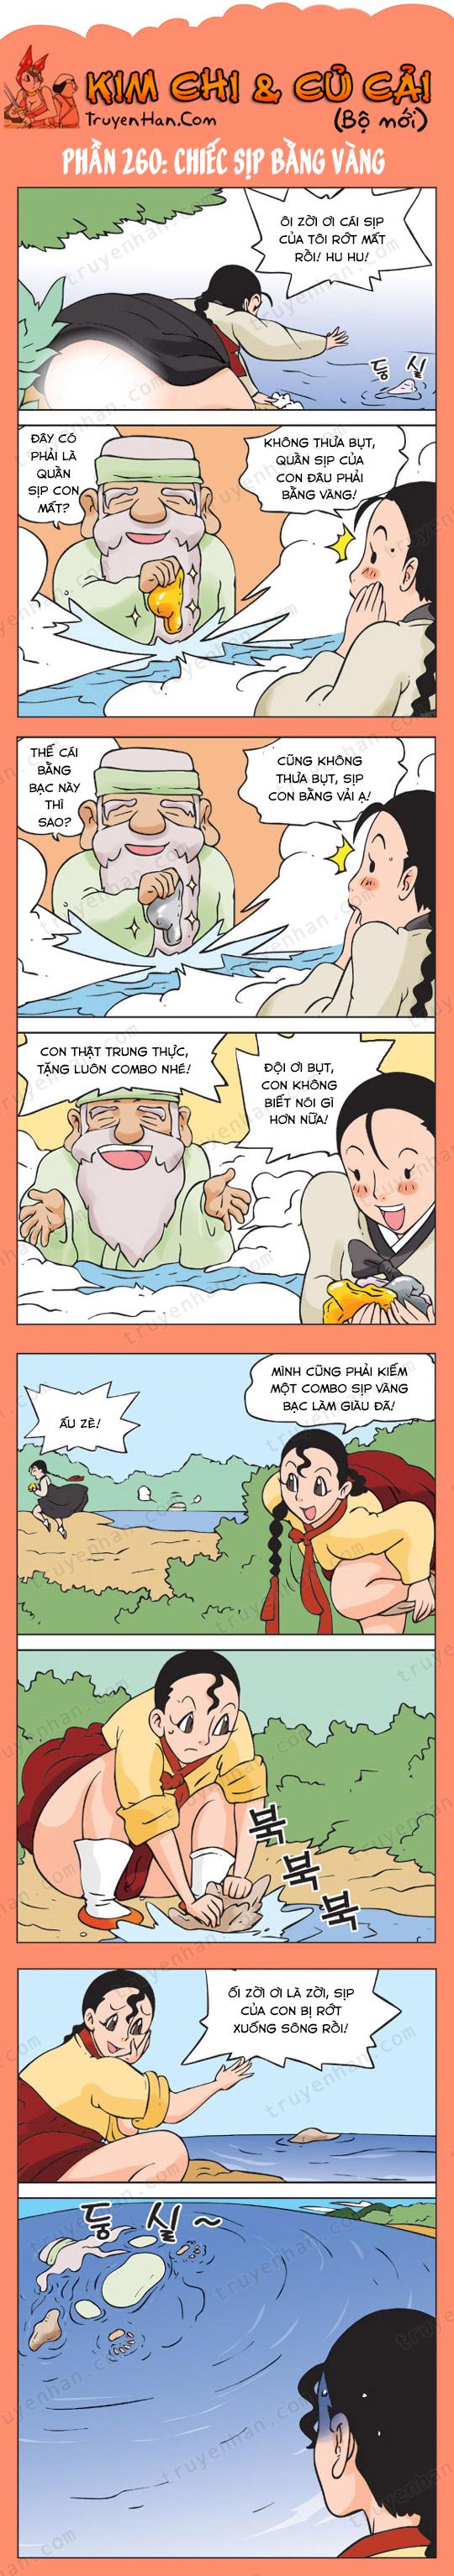 Kim Chi Và Củ Cải phần 260: Chiếc sịp bằng vàng